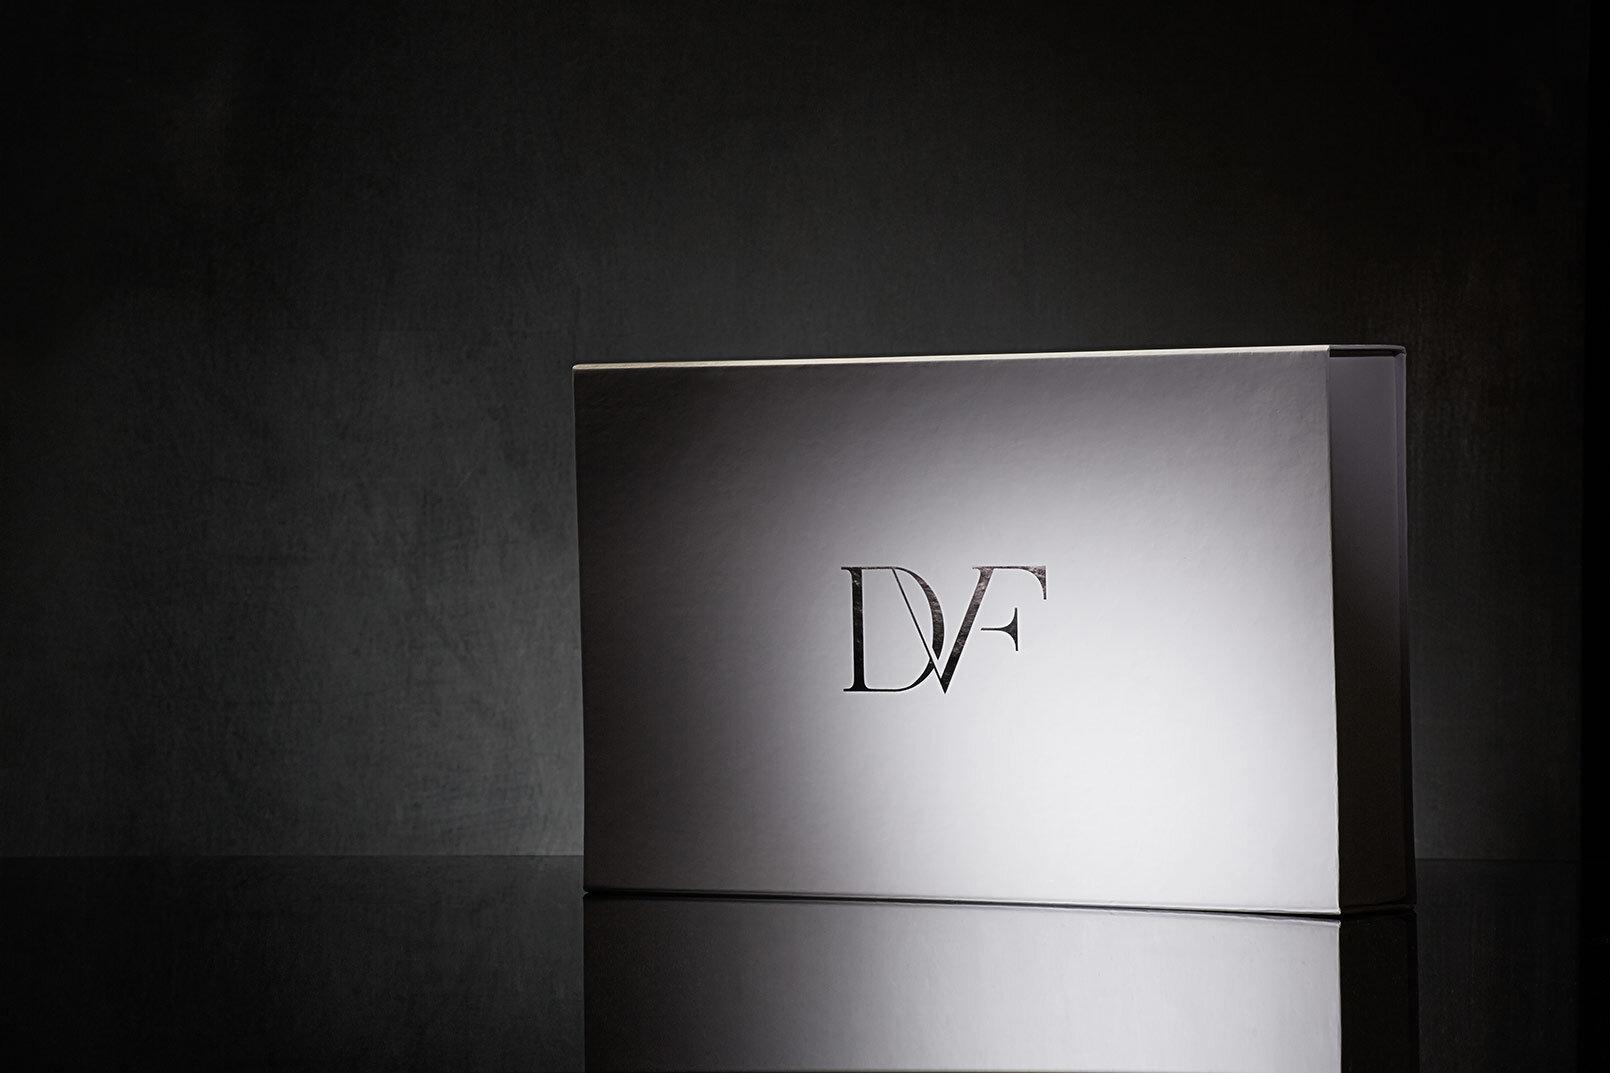 Diane-Von-Furstenberg-DVF-Box-Design-Packaging-Company-1.1.jpg